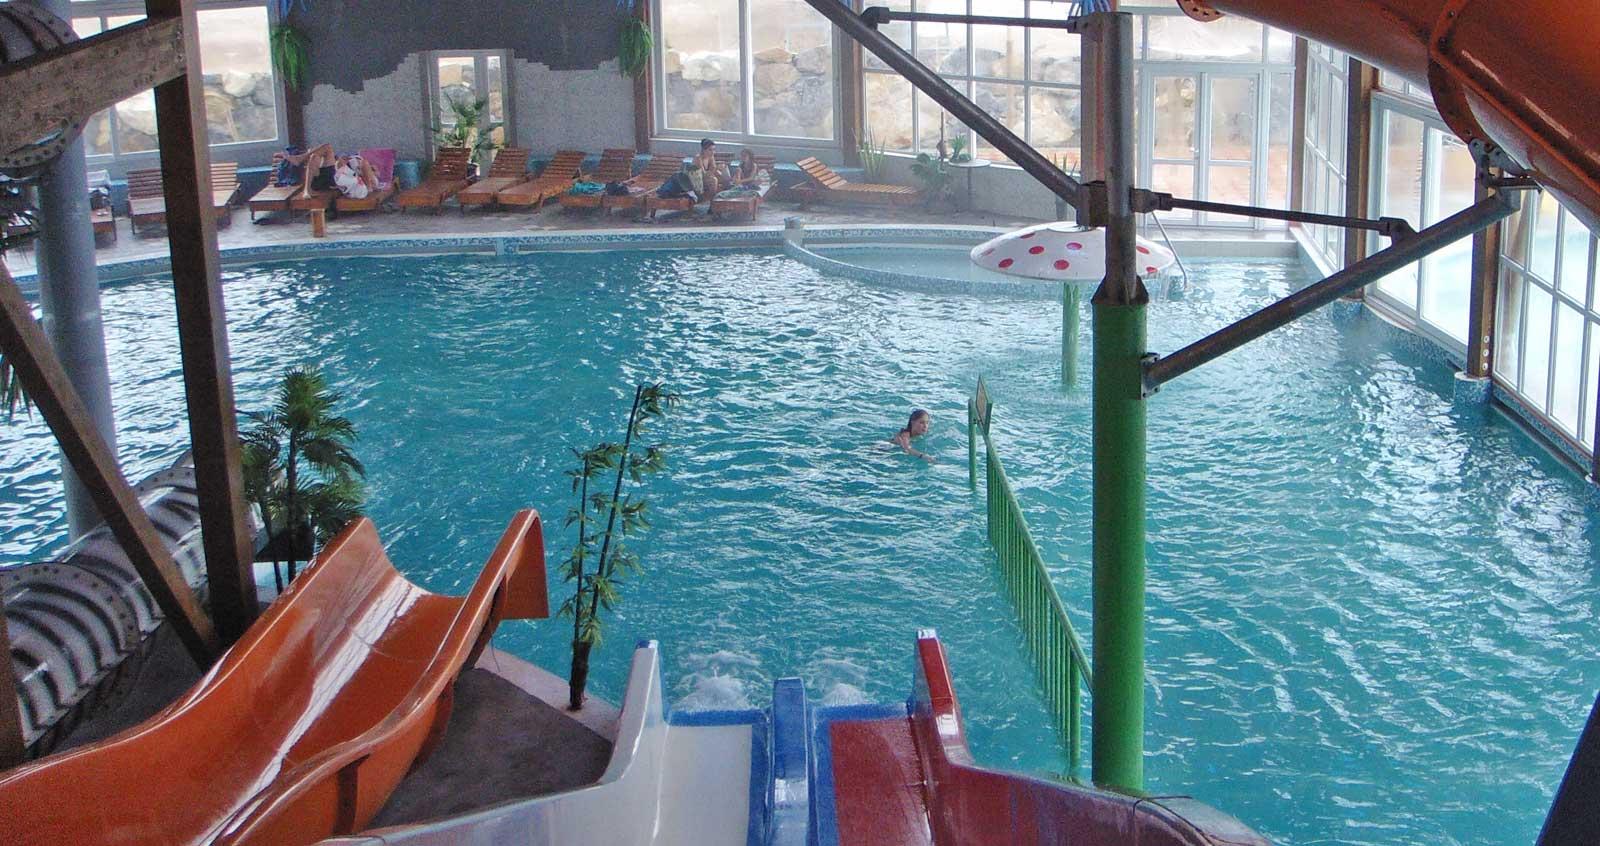 Ruc ždrelo - unutrašnji bazen